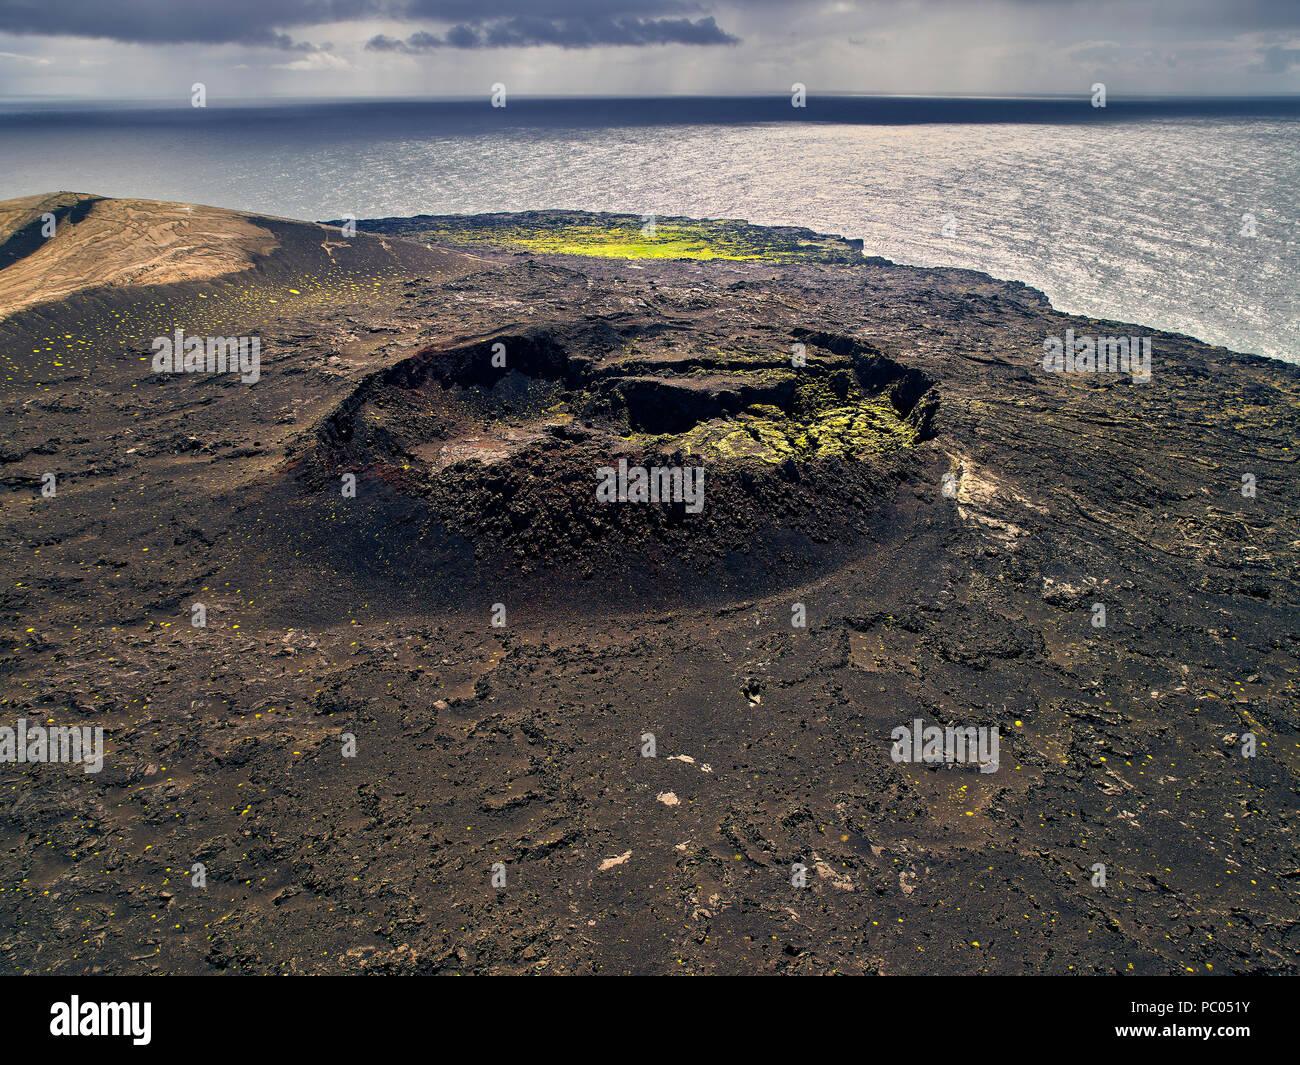 Lava and vegetation, Surtsey Island, Westman Islands, Iceland - Stock Image